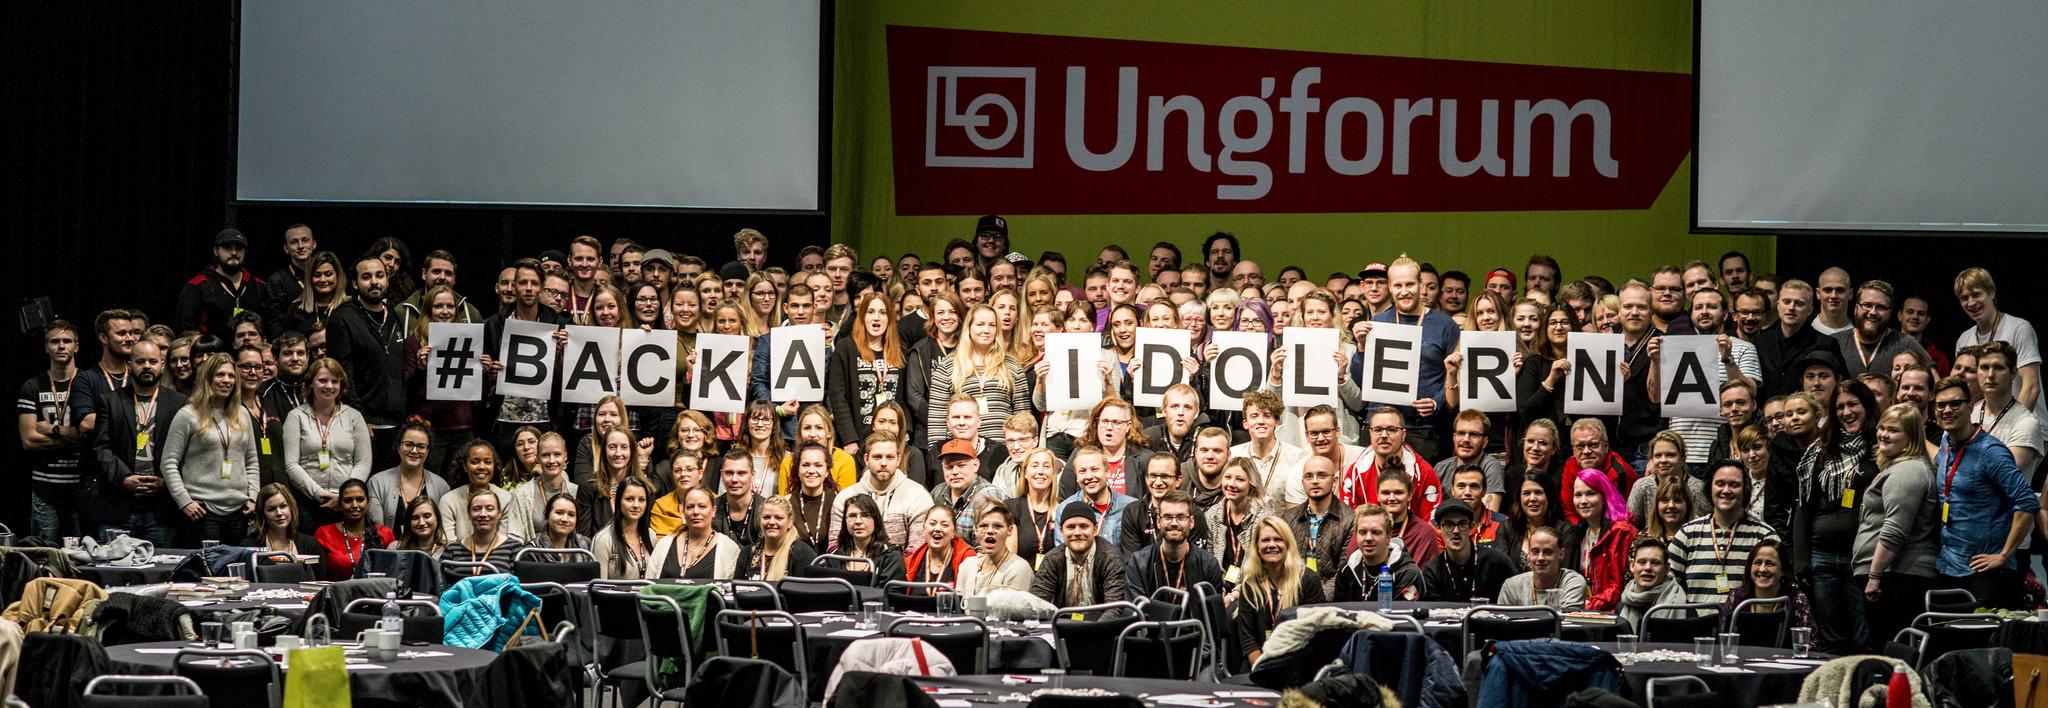 Unga fackligt aktiva från LO:s 14 förbund på Ungforum samlade på bild för att visa att de stödjer en strejk för bättre villkor i Idol. Foto: Linda Håkansson